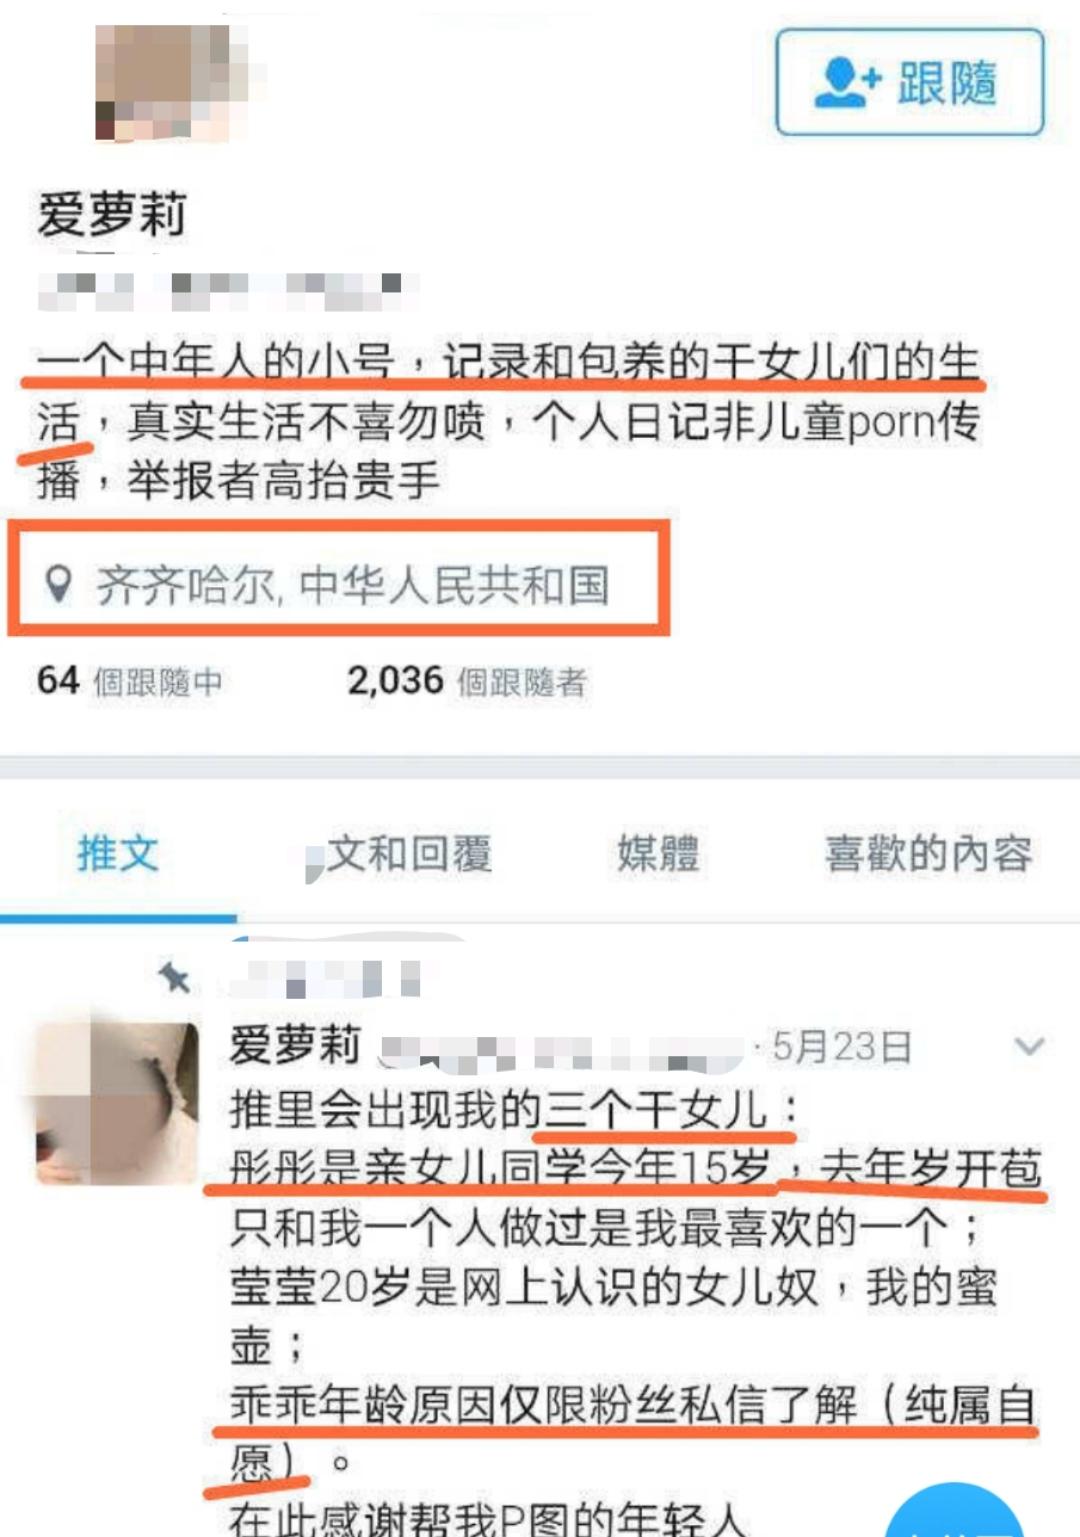 男子网络炫耀包养未成年少女,齐齐哈尔警方介入调查图片